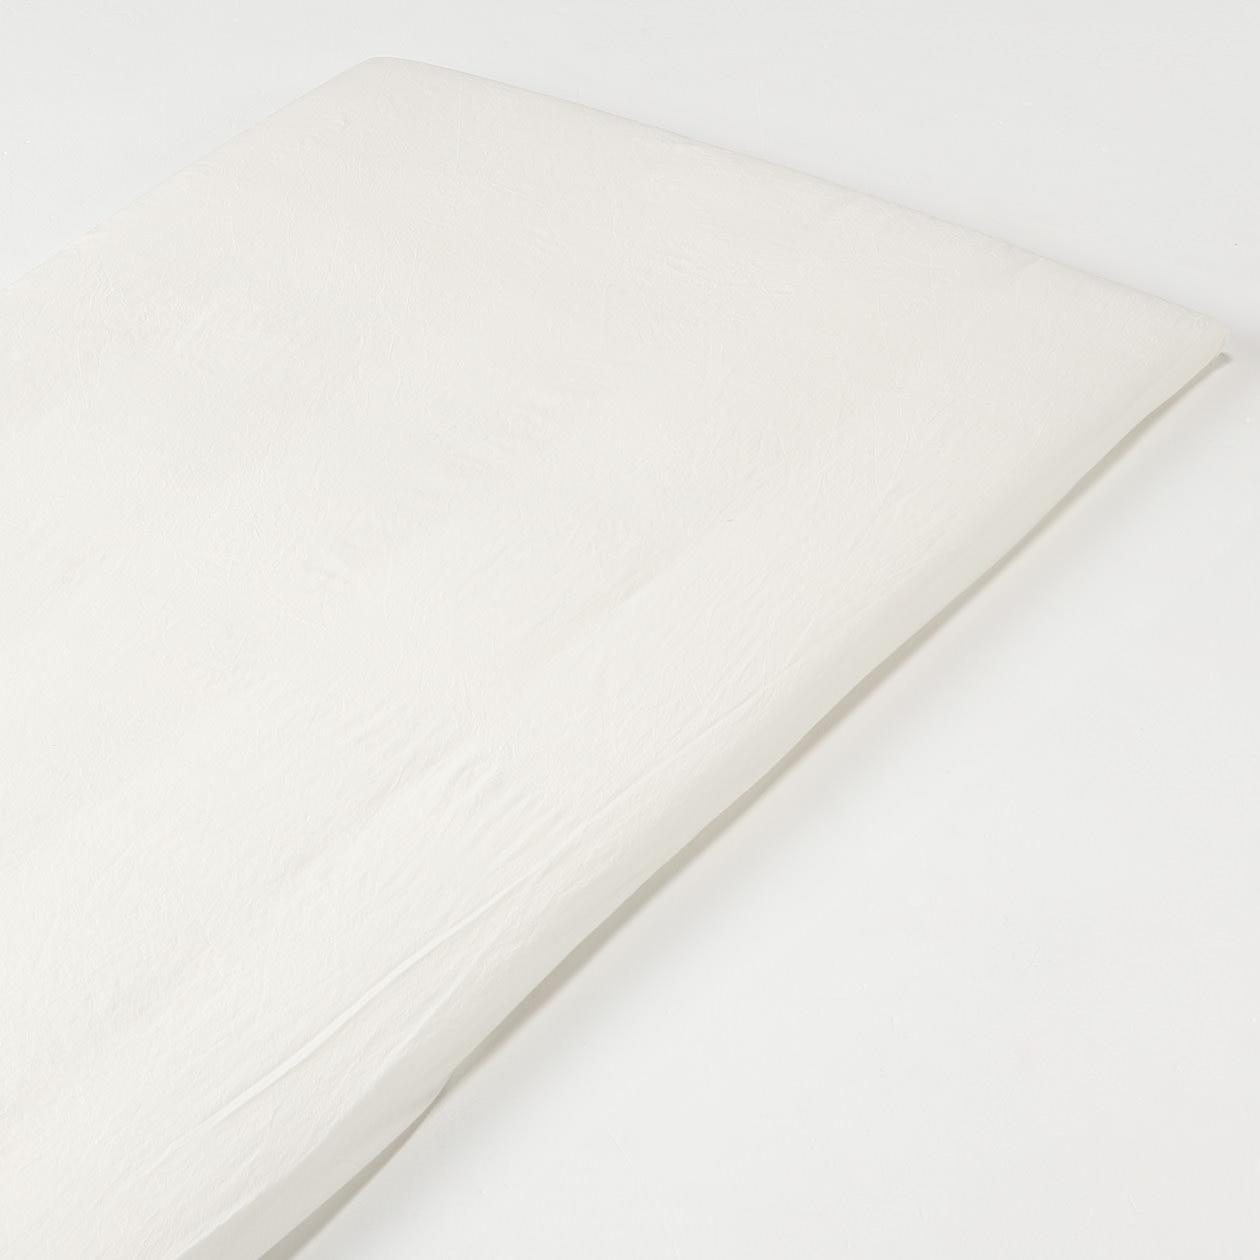 オーガニックコットン洗いざらしボックスシーツ・マットレス薄型スモール用/生成